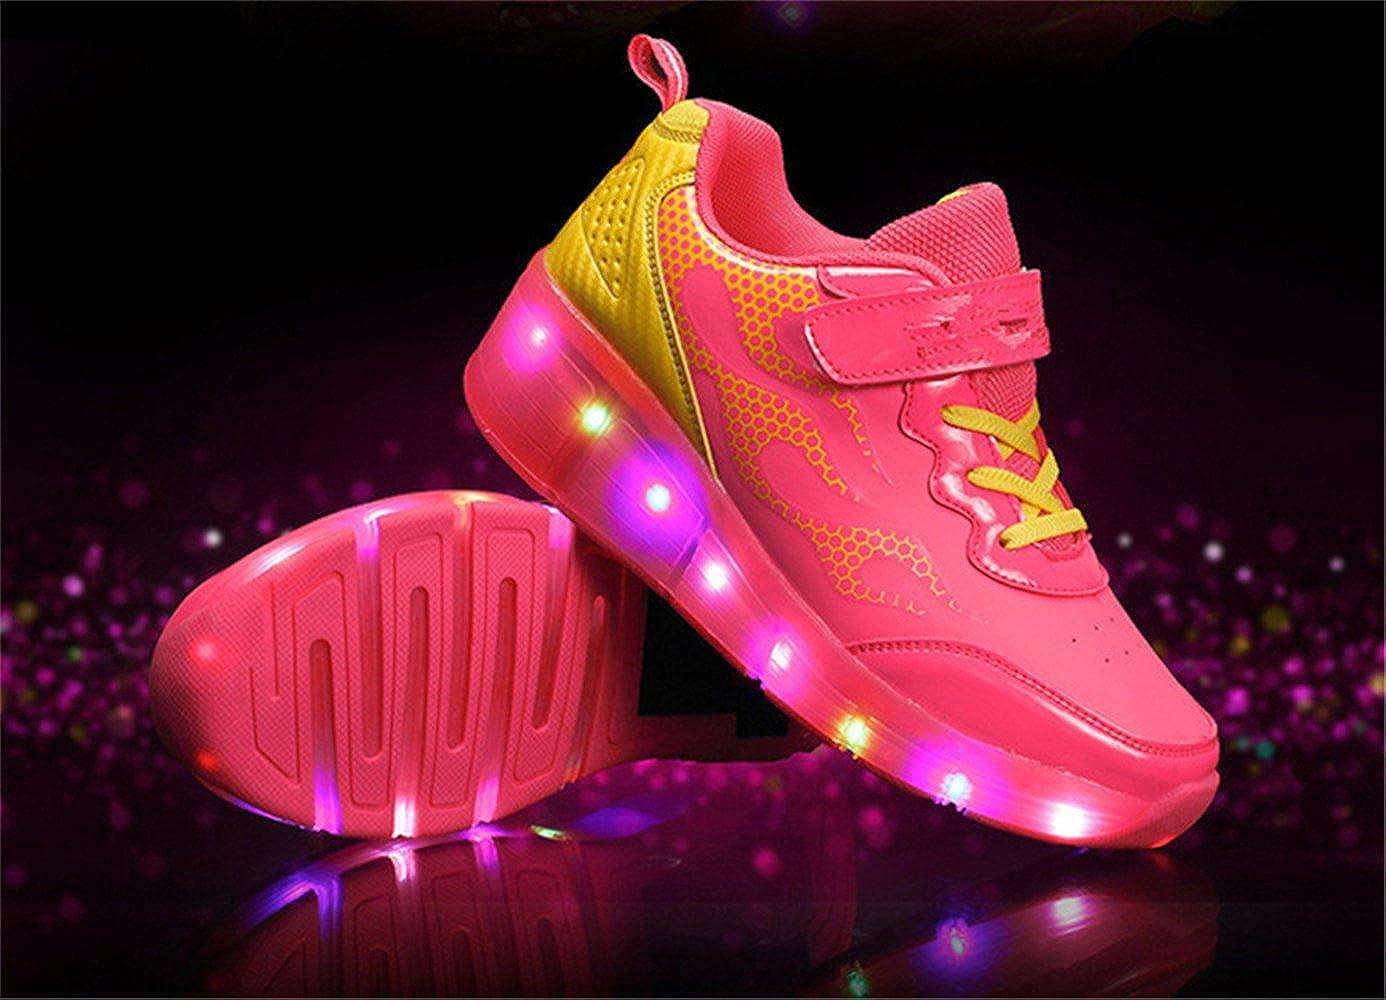 gusha hommes / femmes des chaussures pour pour pour enfants, les chaussures tennis lumière patins cadeau idéal pour toutes les occasions, connu pour sa bonne qualité excellente fonction hb4120 363688